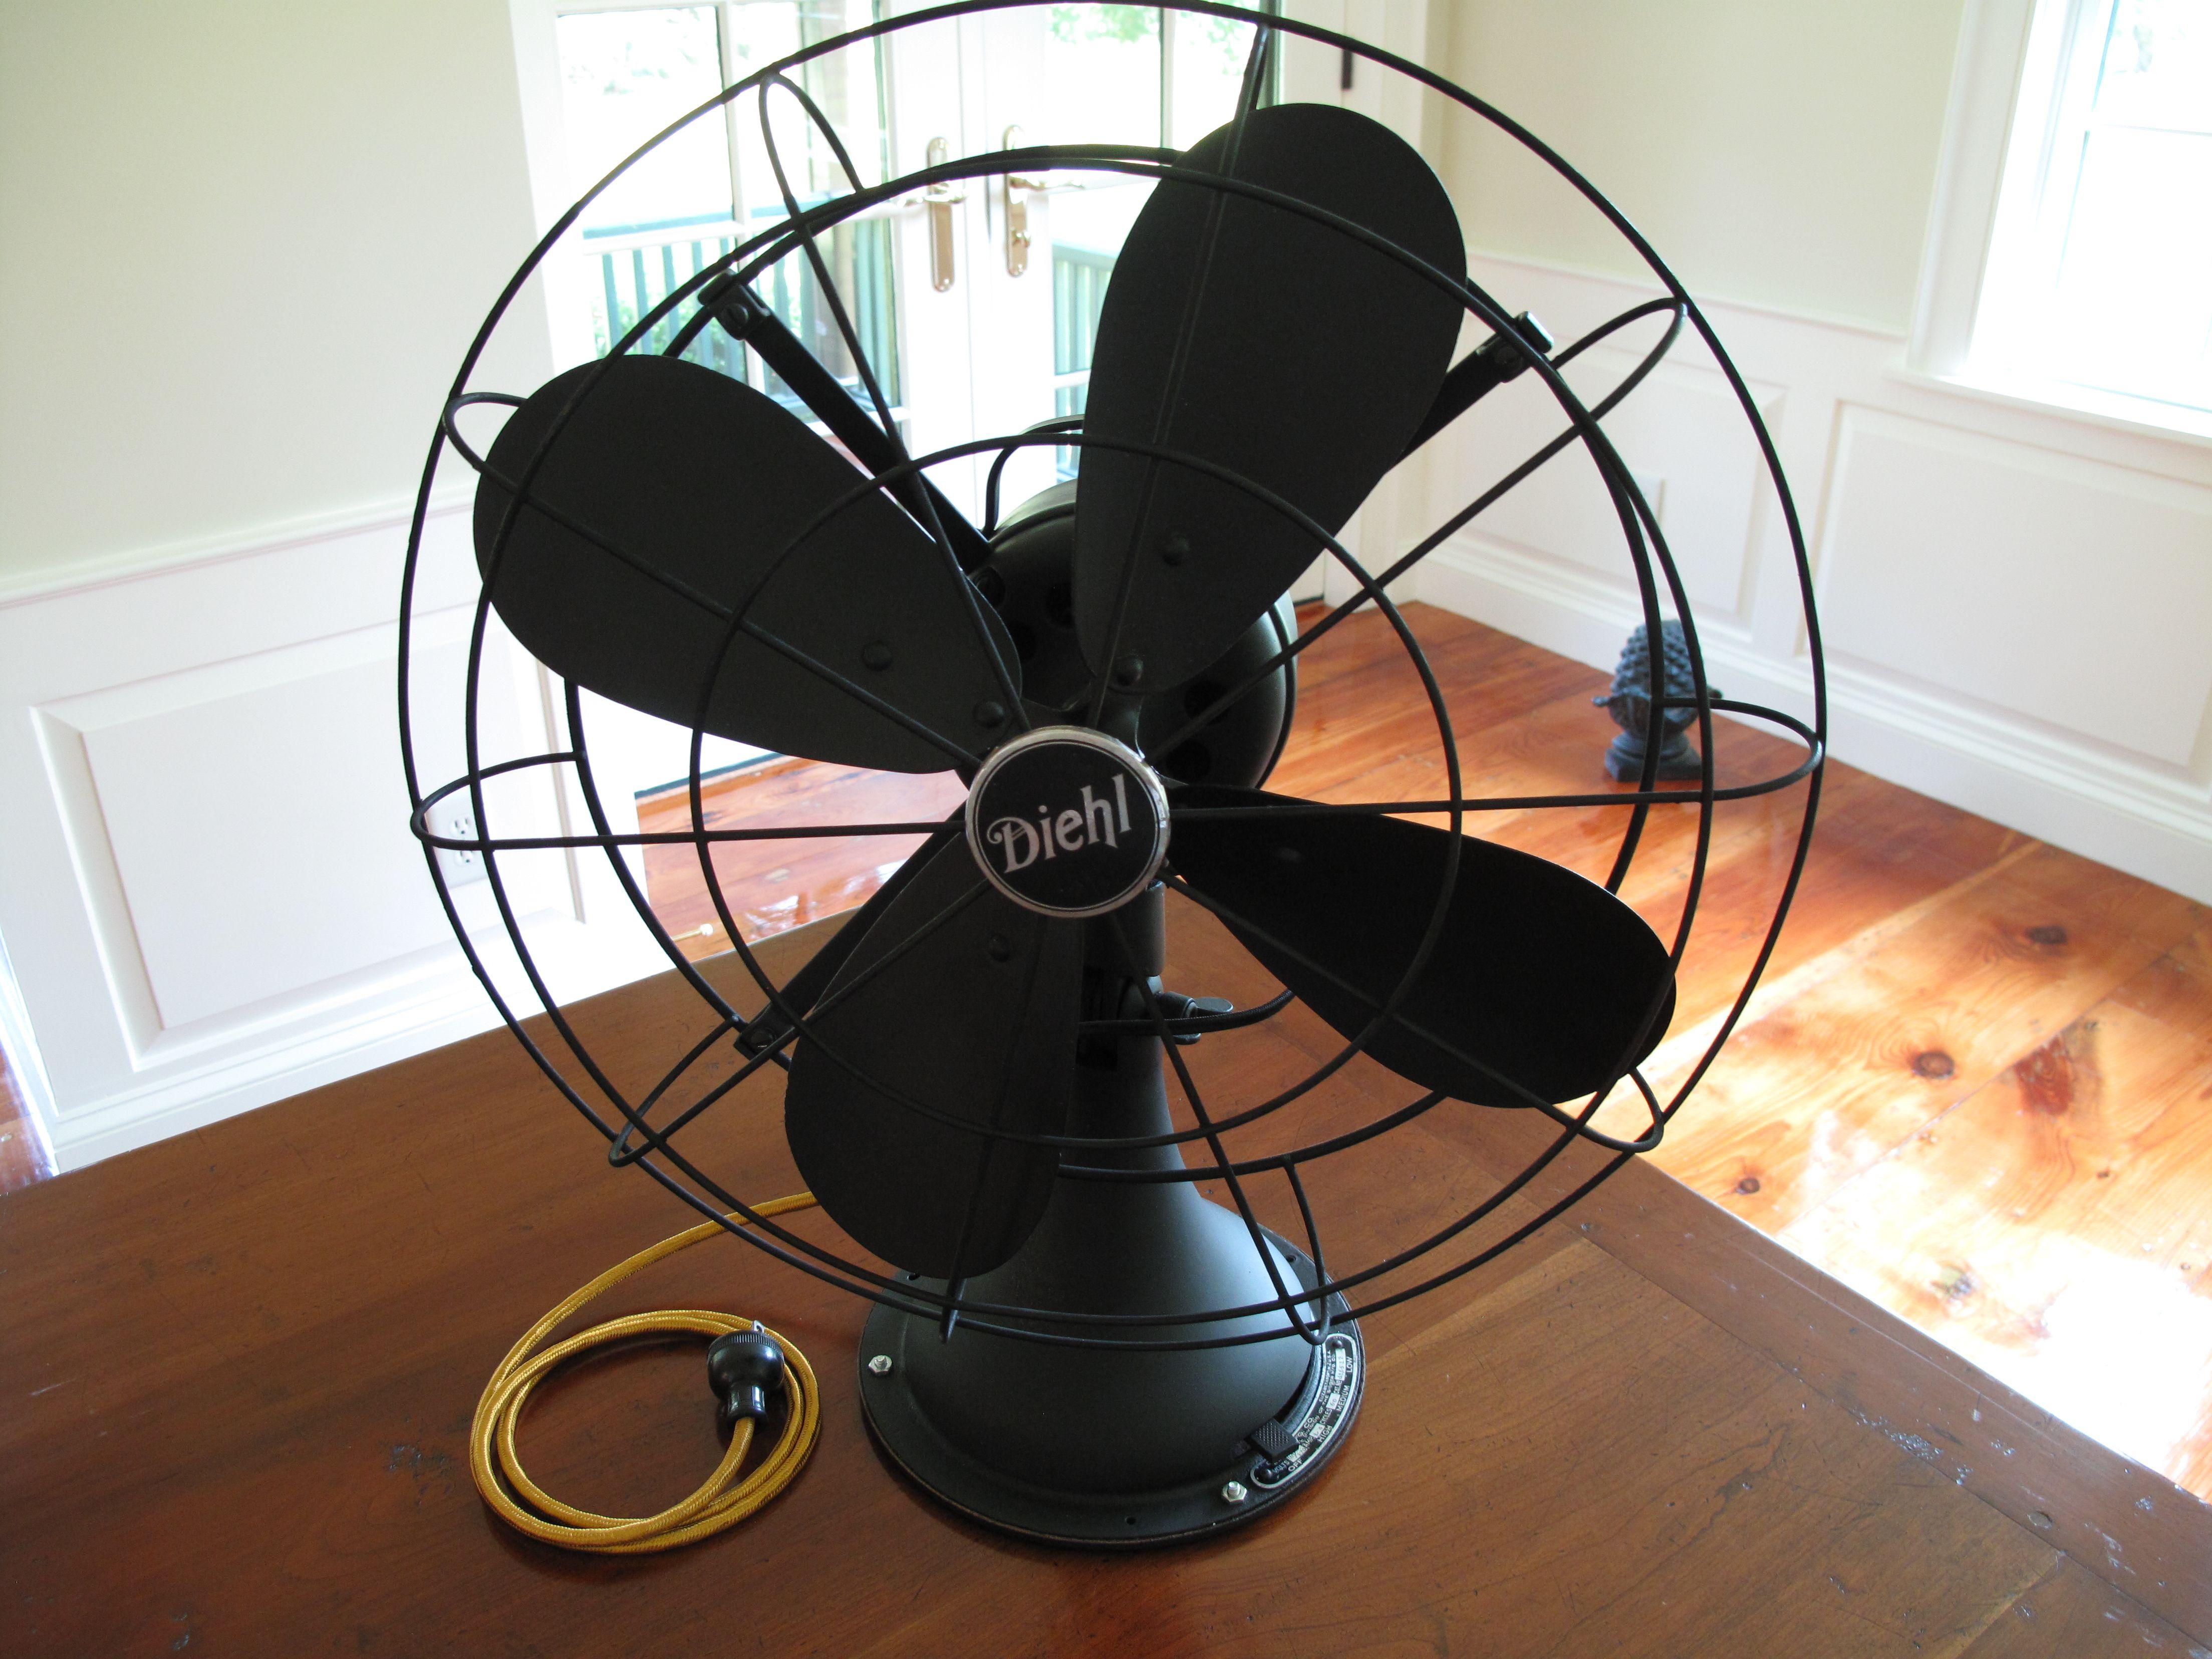 Diehl 1920s Desk Fan